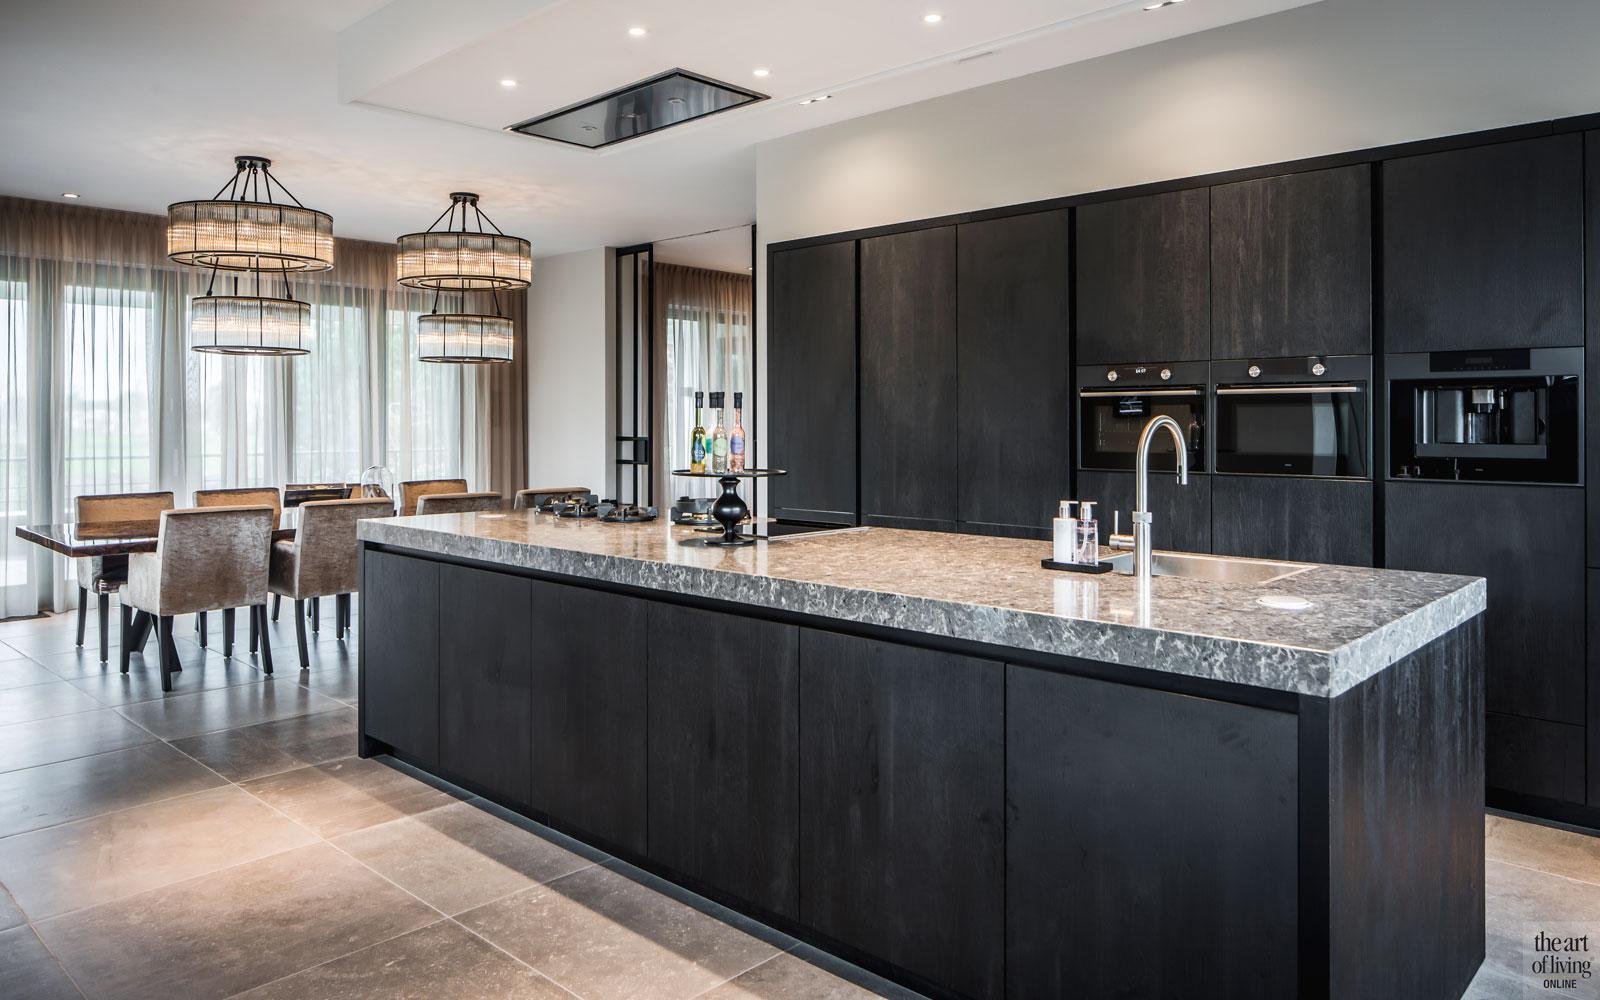 Keuken, leefkeuken, kookeiland, tegelvloer, ruimtelijk, Quooker, villa met lef, Cindy Philips